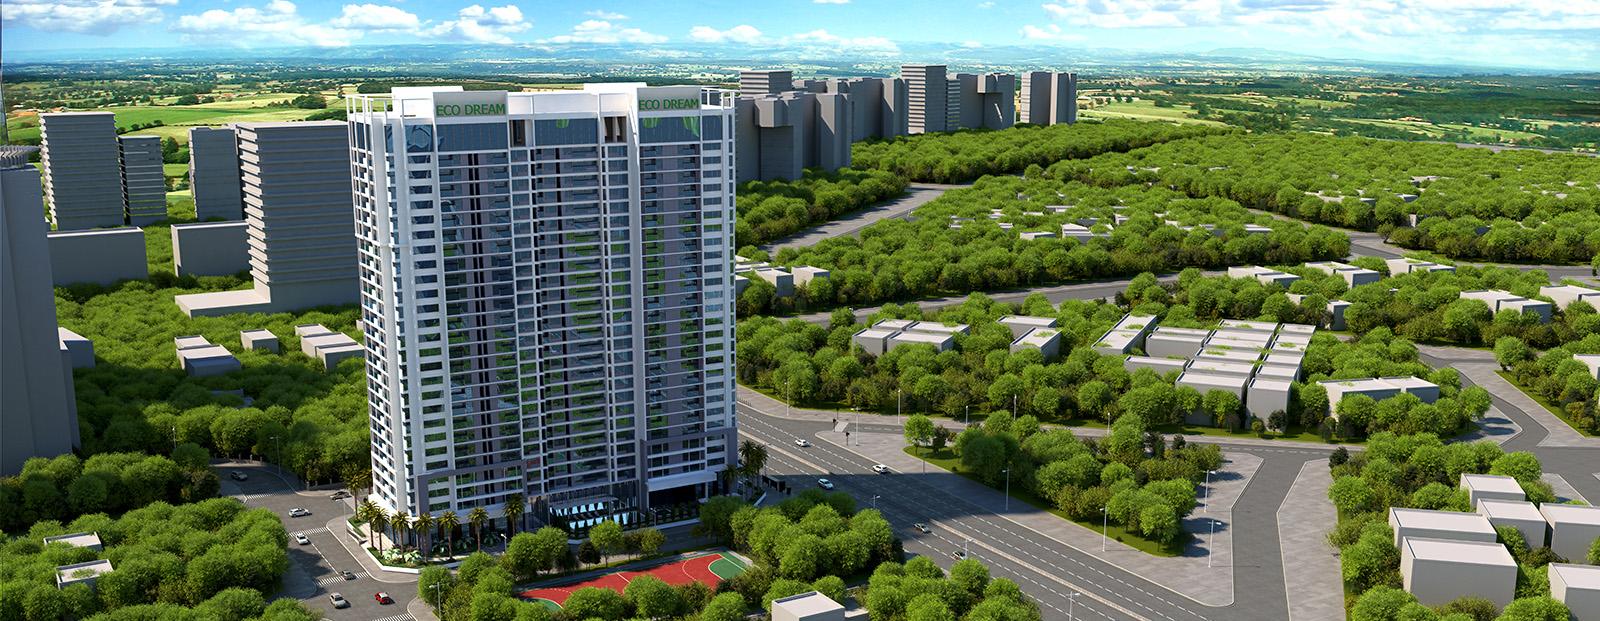 Giải đáp: những đặc quyền đầu tư dự án dream city văn giang là gì